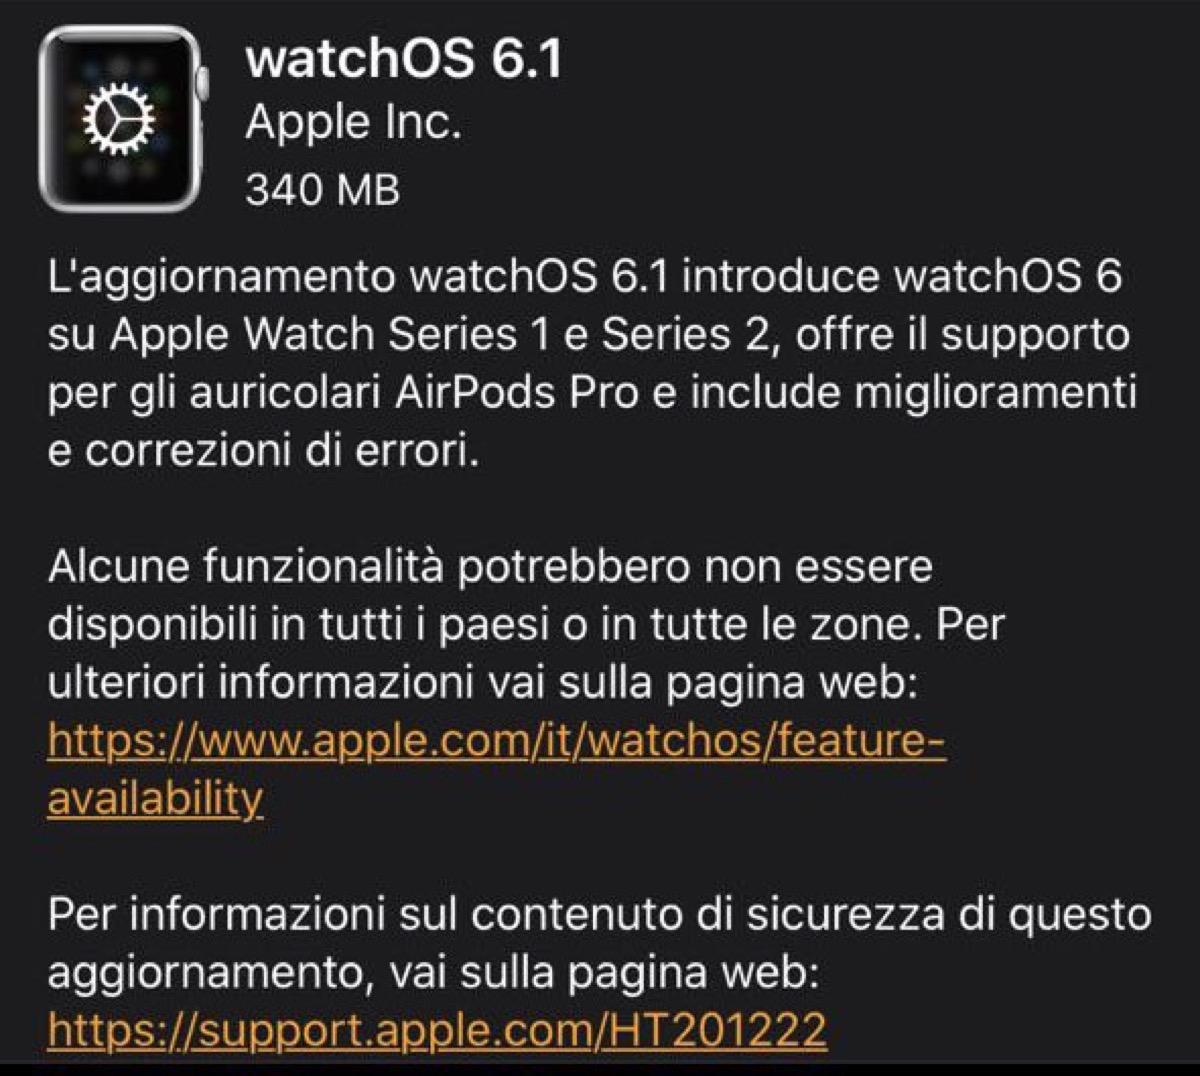 E' arrivato watchOS 6.1 e adesso gira anche sul primo Apple Watch